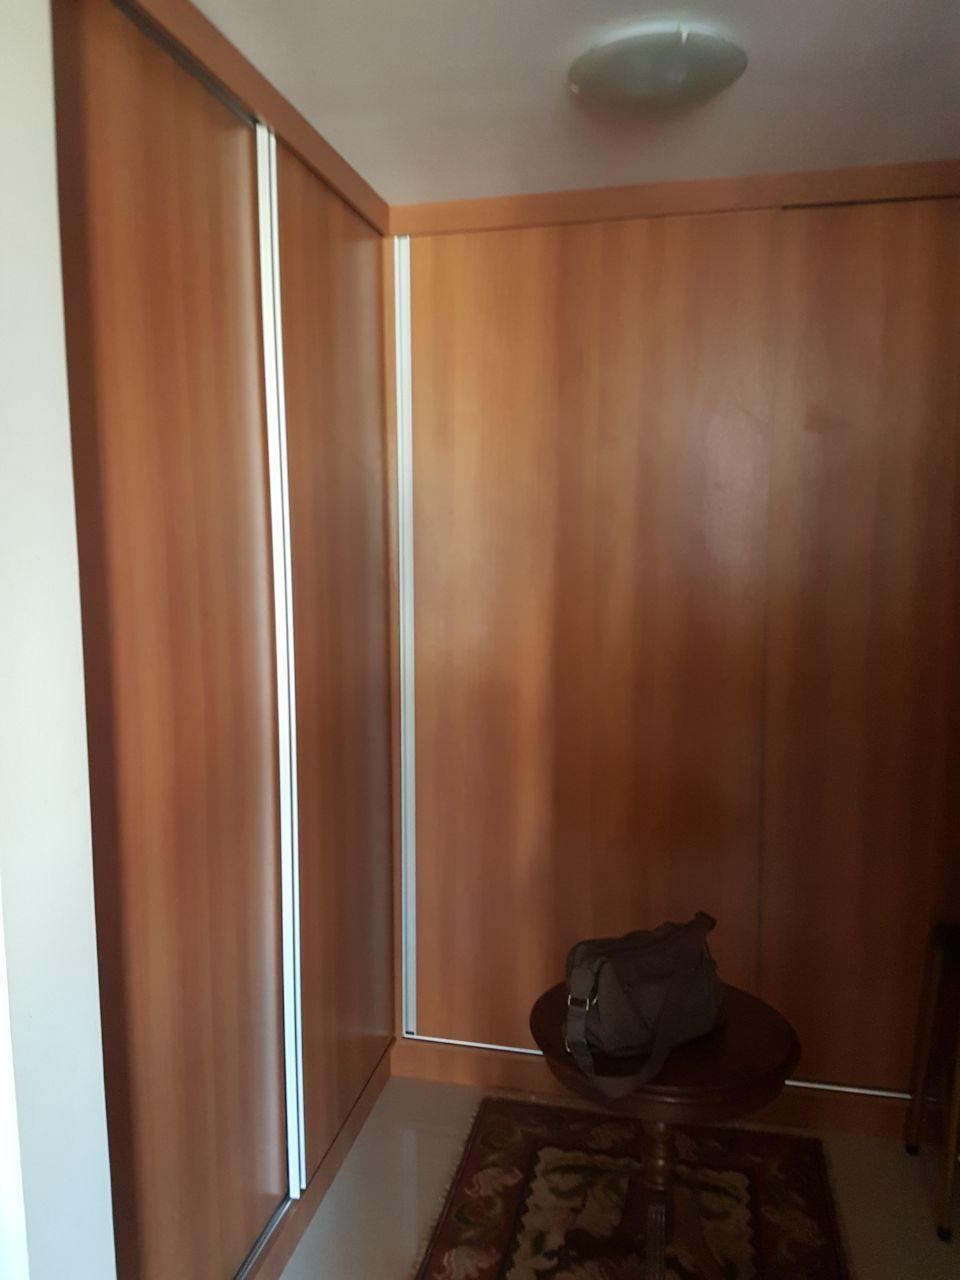 524 - Apto Bosque dos Juritis 160 m²